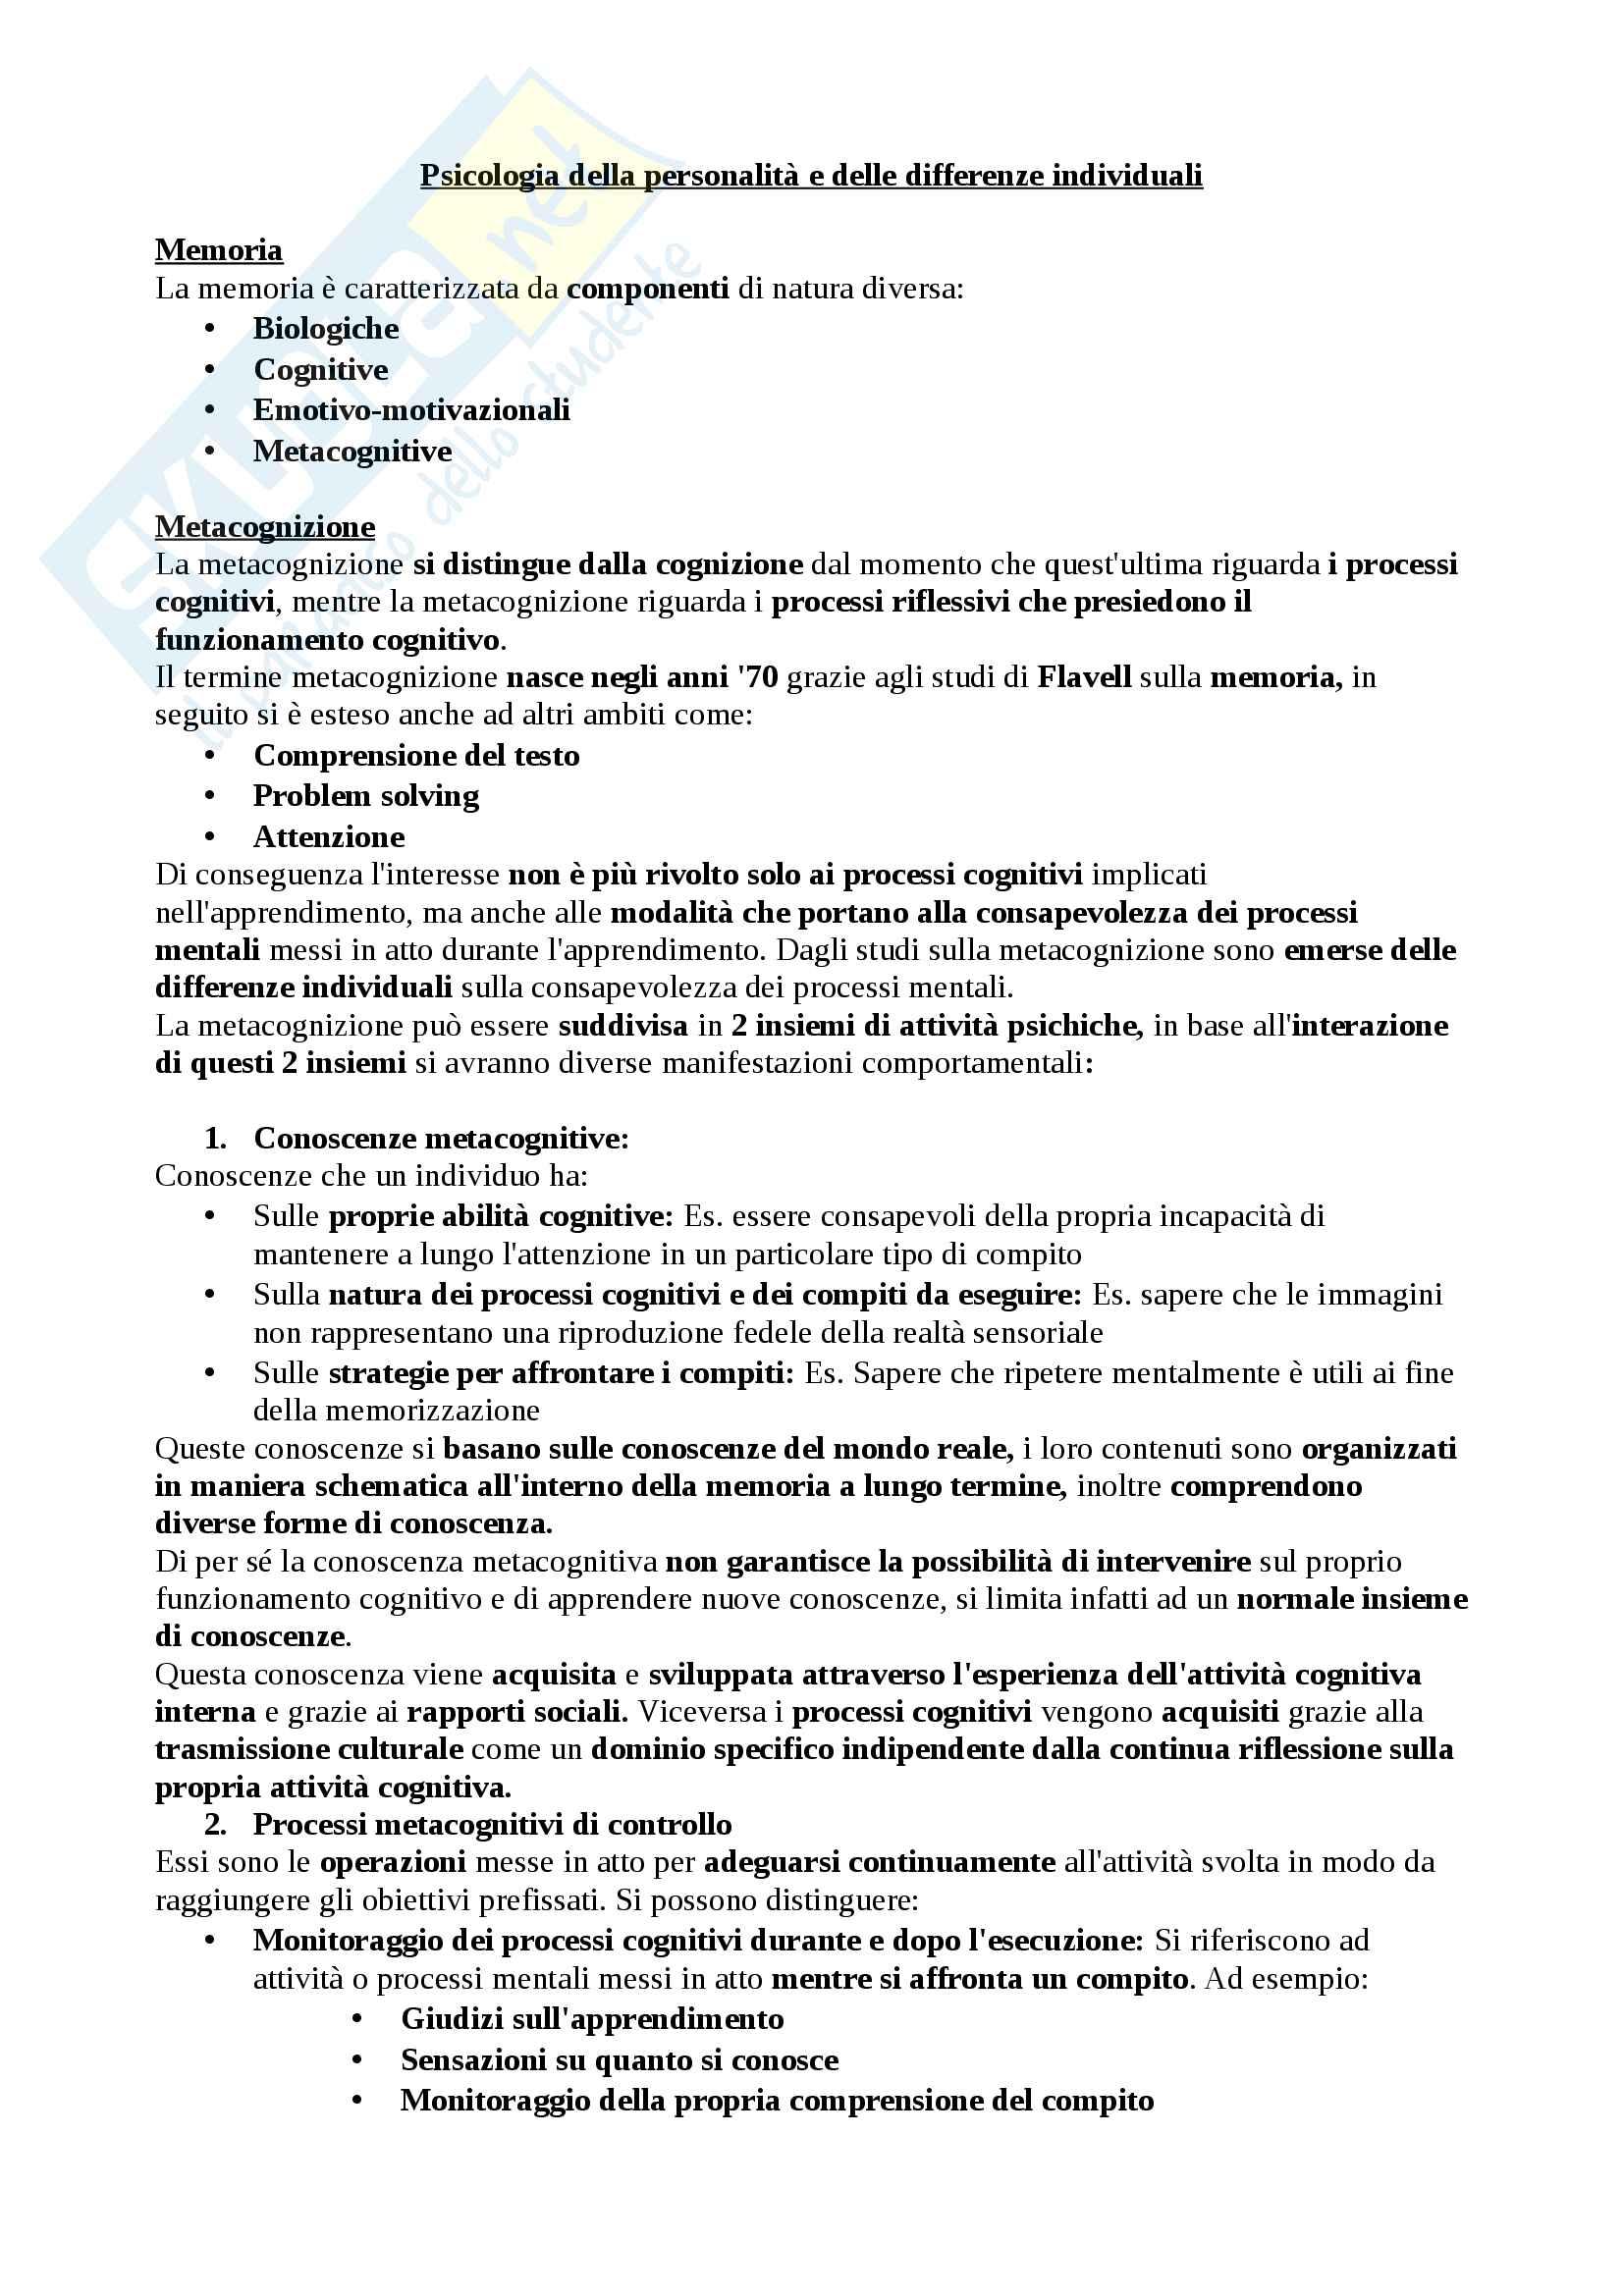 Riassunto esame Psicologia della personalità e delle differenze individuali della sezione metacognizione, docente Elena Cavallini